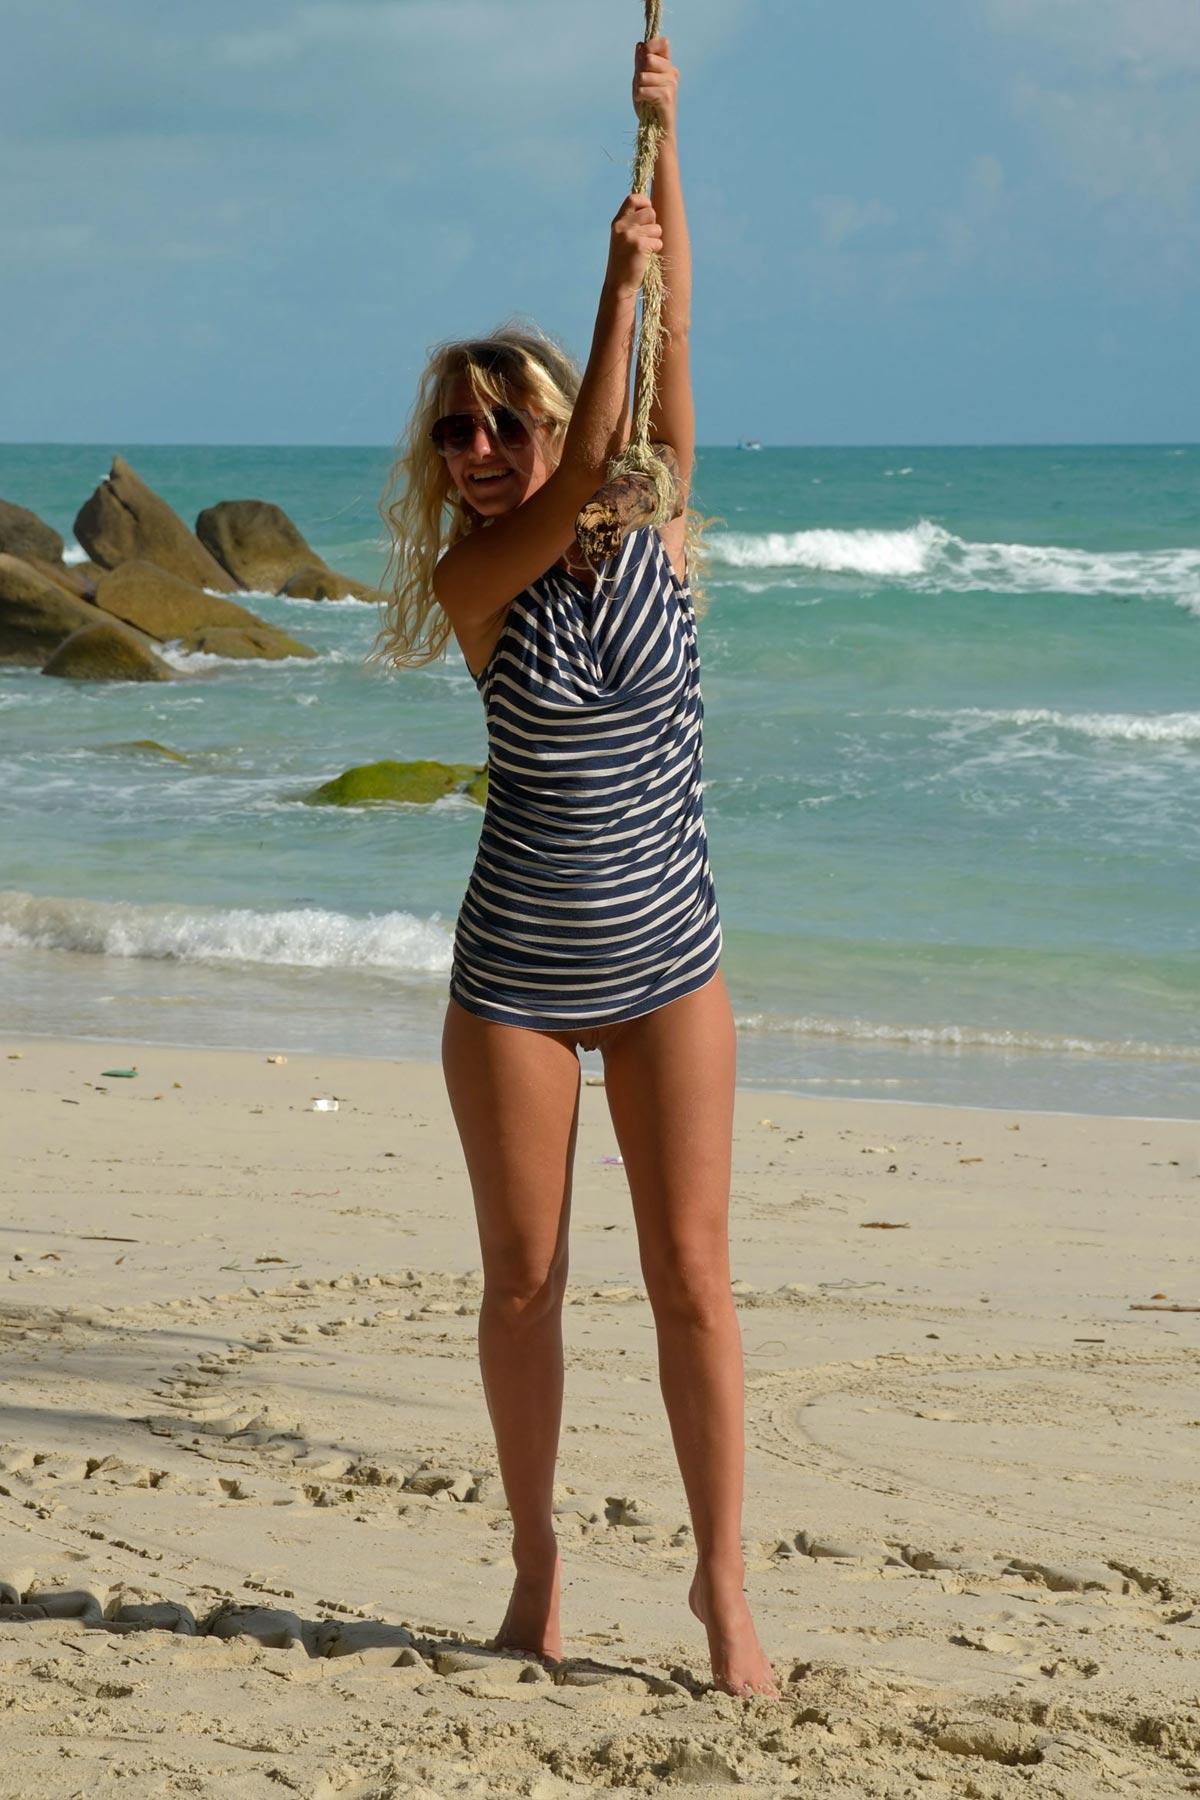 tereza-blonde-thailand-holiday-public-naked-seaside-07